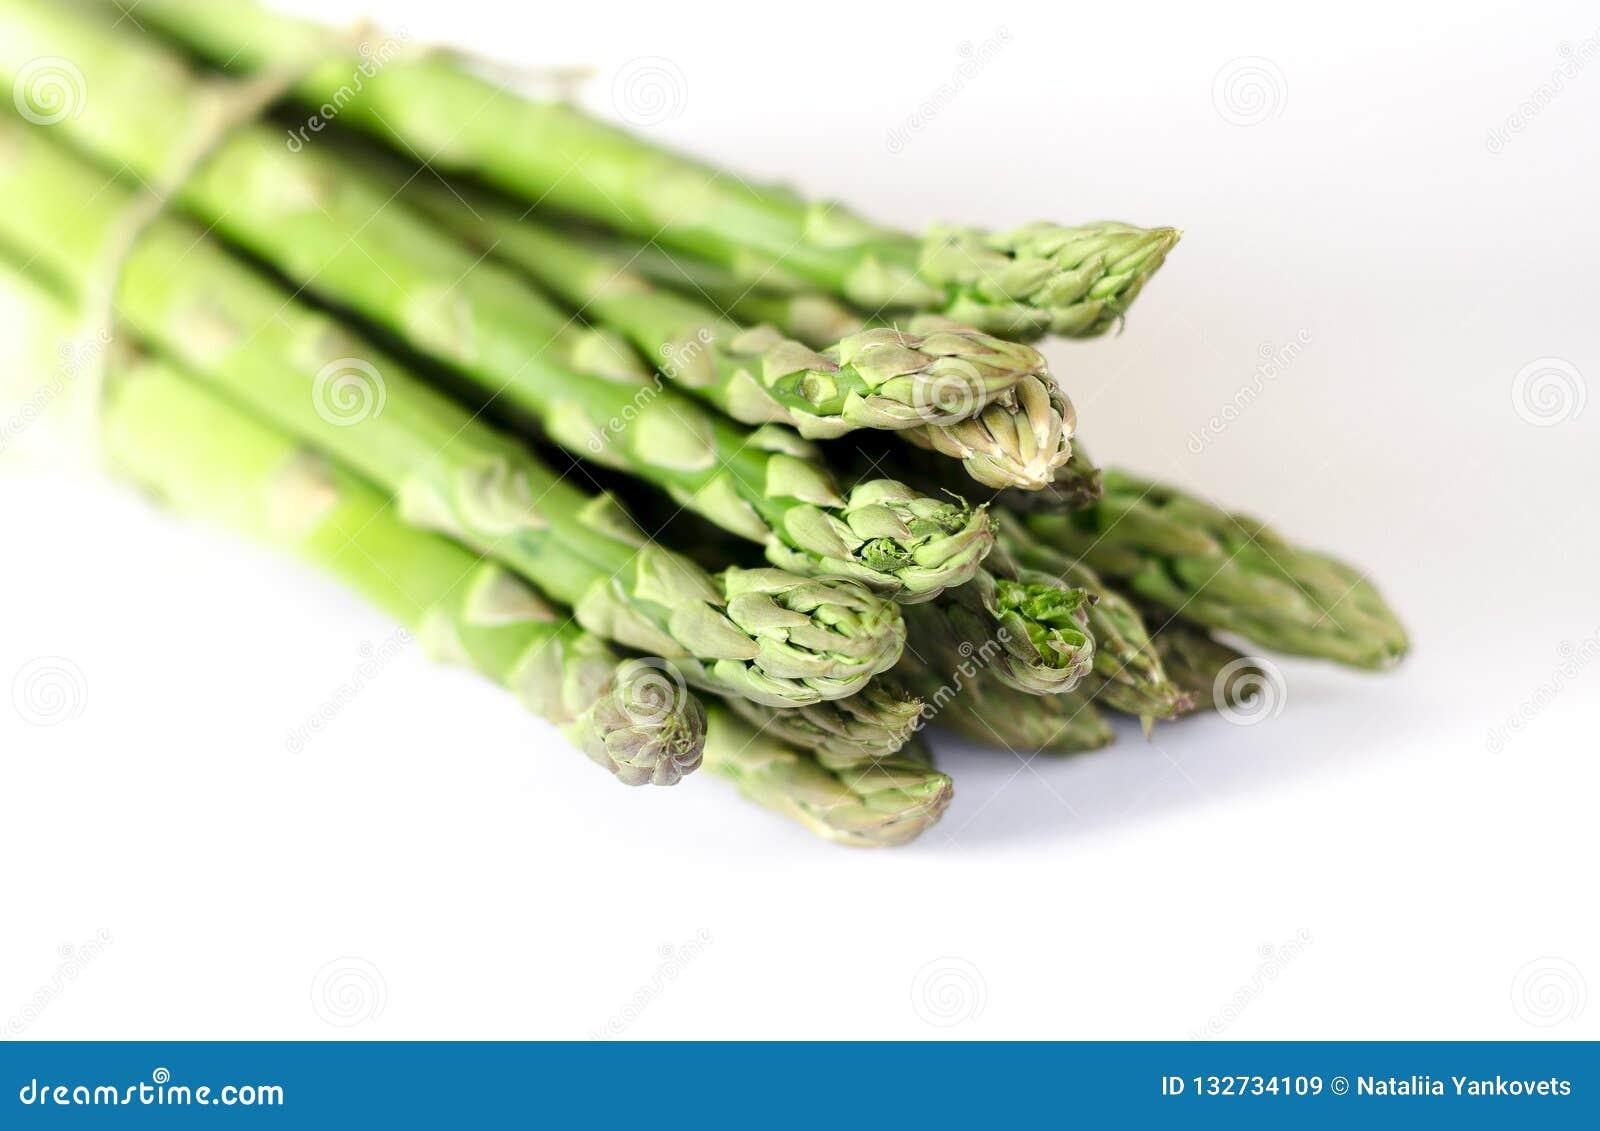 Karmowego tła szparagowego mieszkania nieatutowy wzór wiązka świeży zielony asparagus na białym tle, odgórny widok